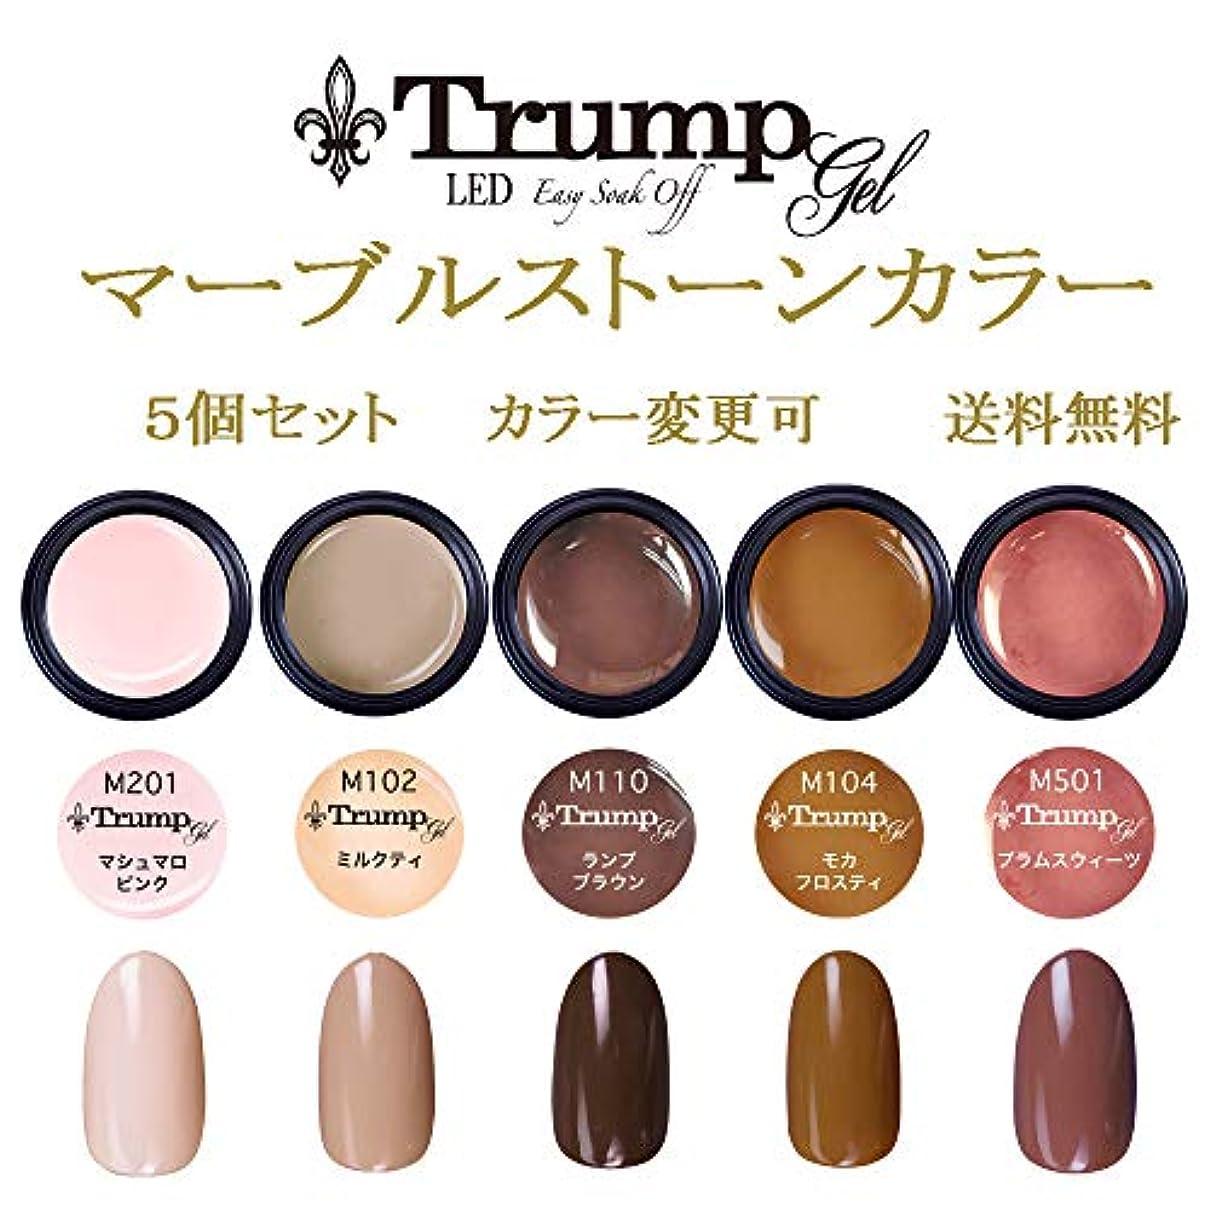 博物館各役立つ【送料無料】日本製 Trump gel トランプジェル マーブルストーン カラージェル 5個セット 人気の大理石ネイルカラーをチョイス